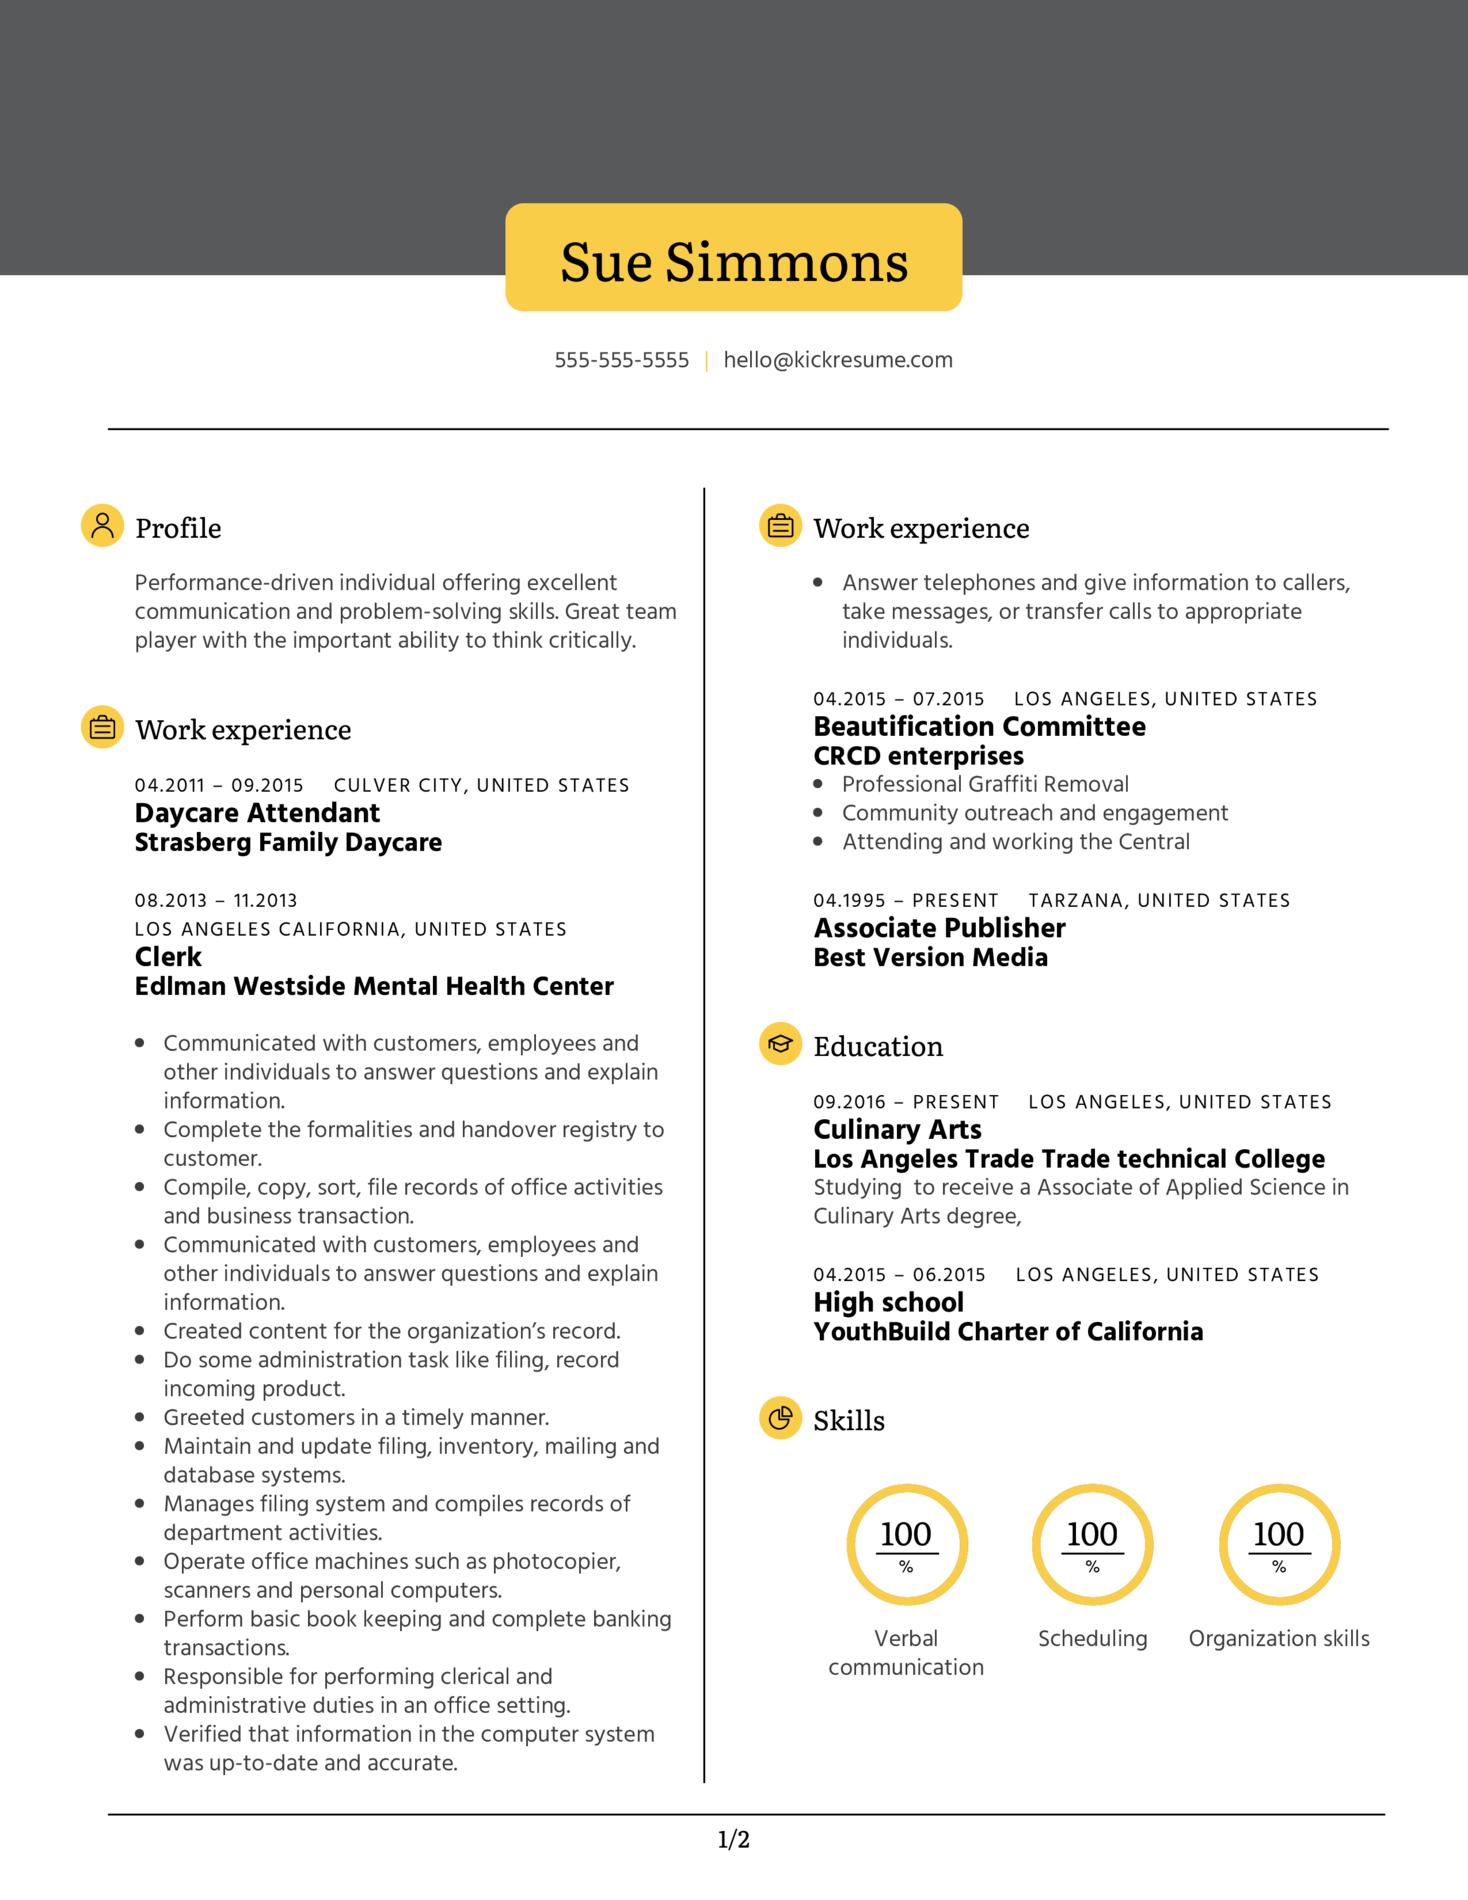 Publisher at Best Version Media Resume Sample (Part 1)